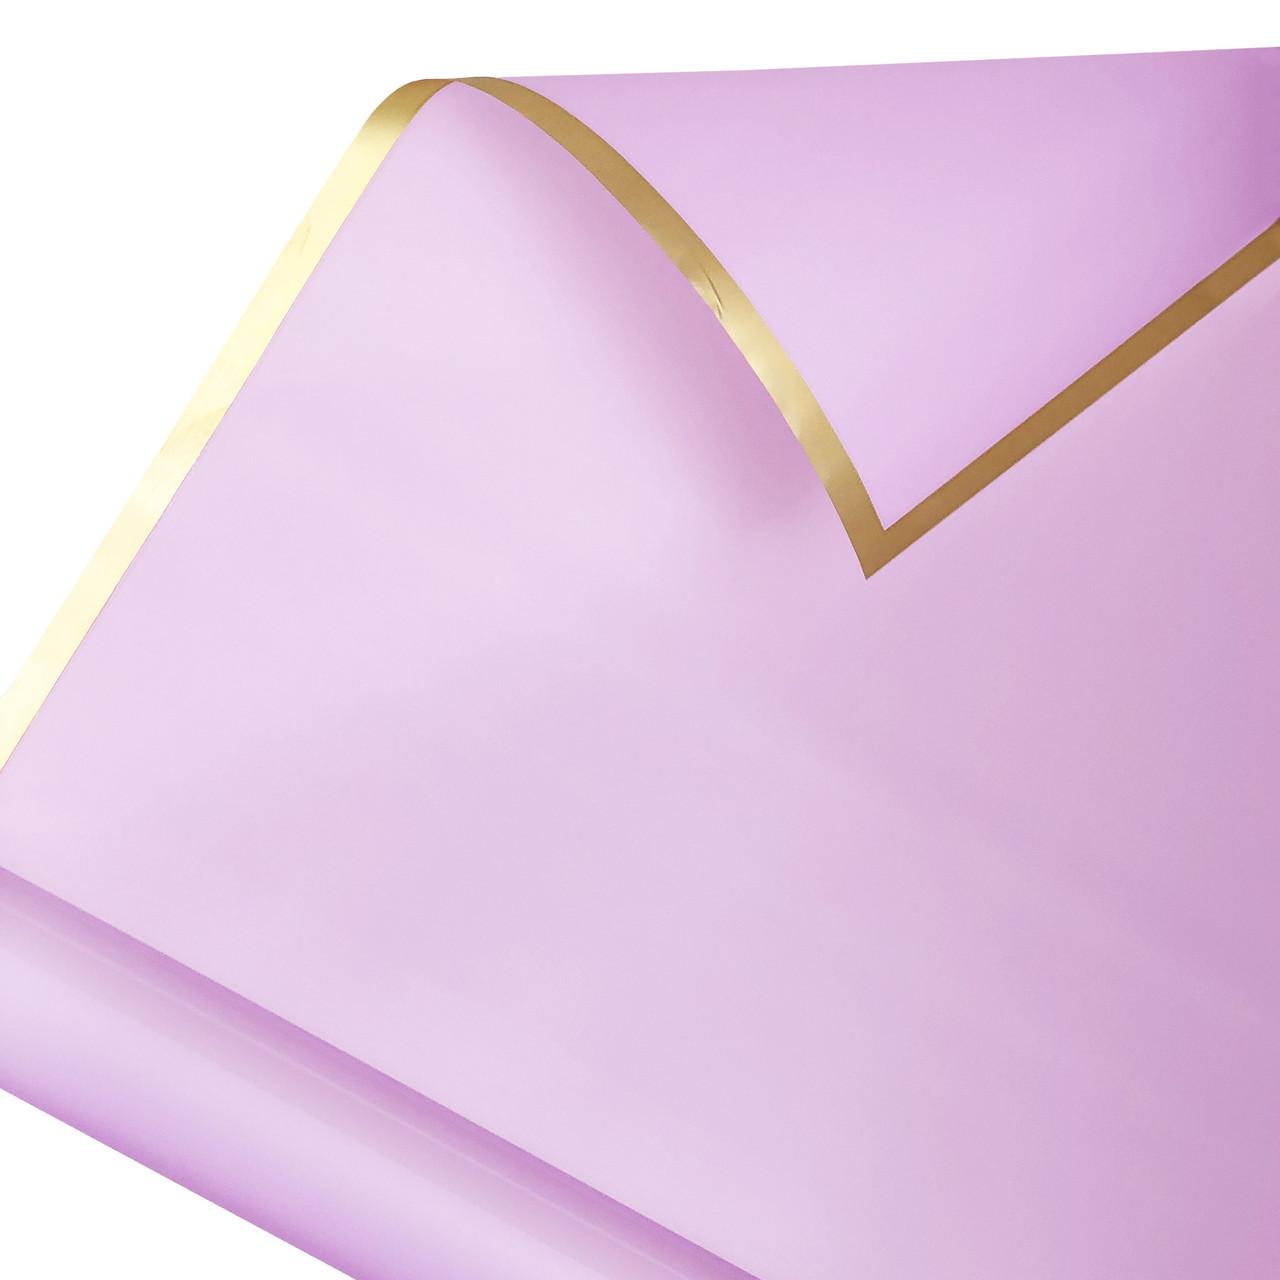 Калька золотой кант в рулоне сиреневая 60*60 см (15 рамок)